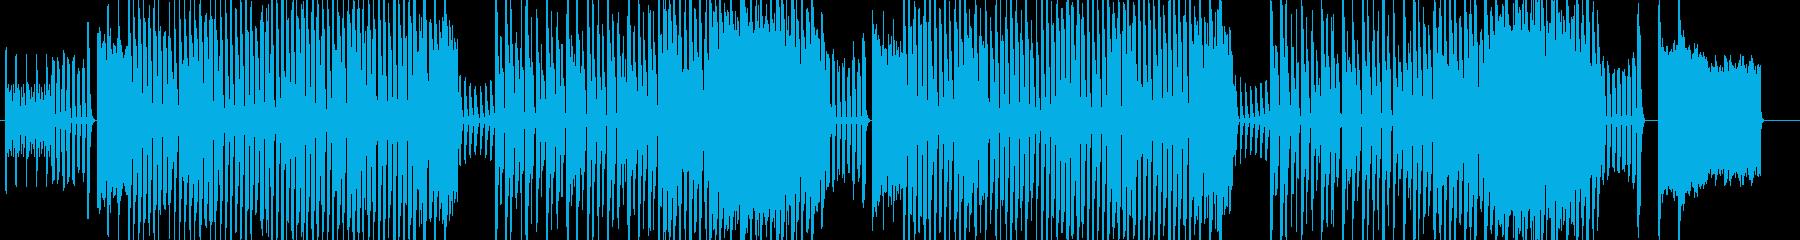 コミカルなテクノポップの再生済みの波形